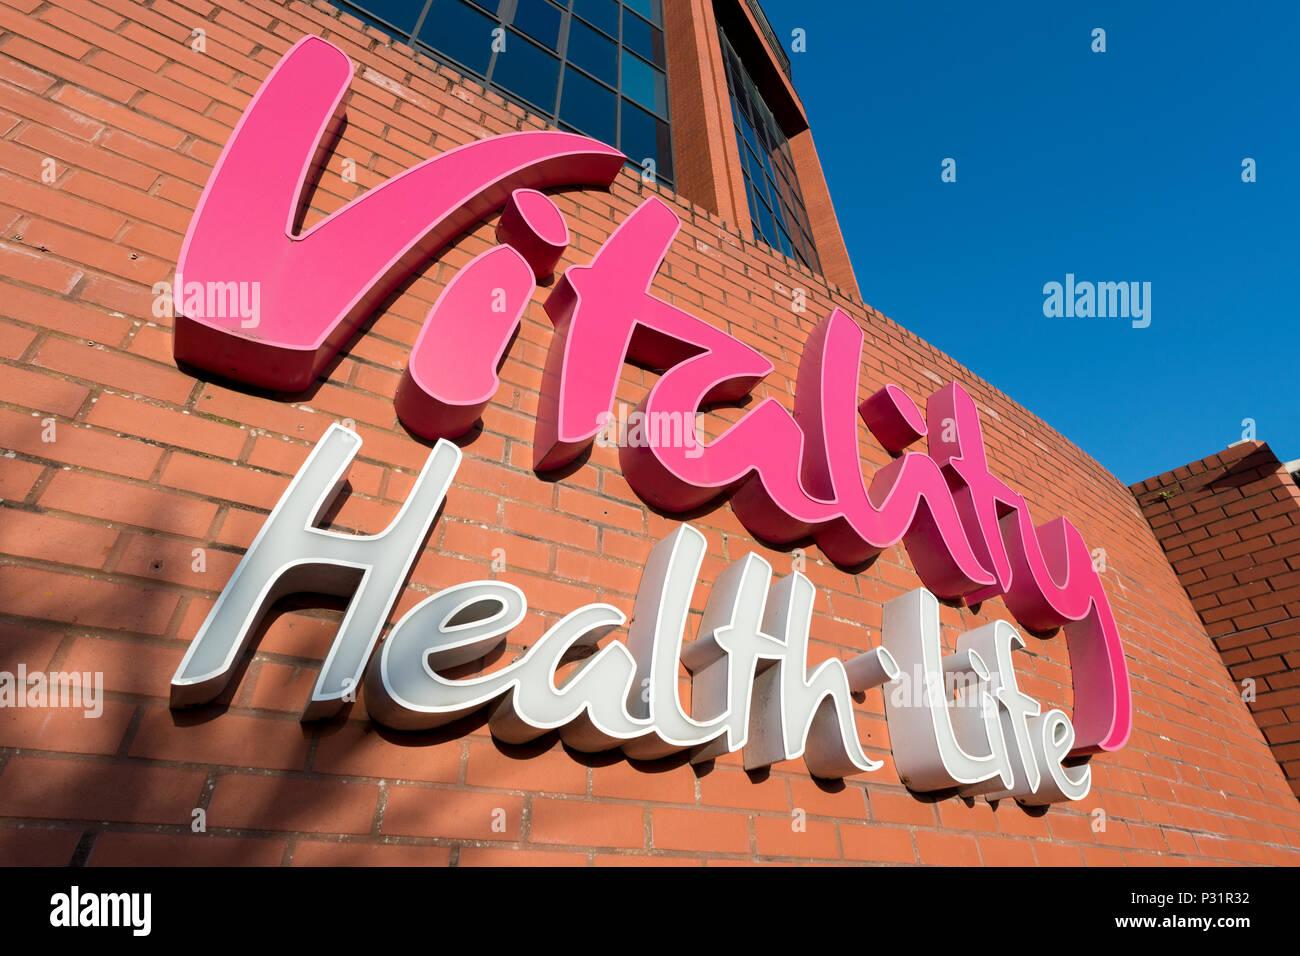 Affiches pour la compagnie d'assurance-santé Vitalité à l'extérieur du bâtiment de l'entreprise à Bournemouth. Photo Stock